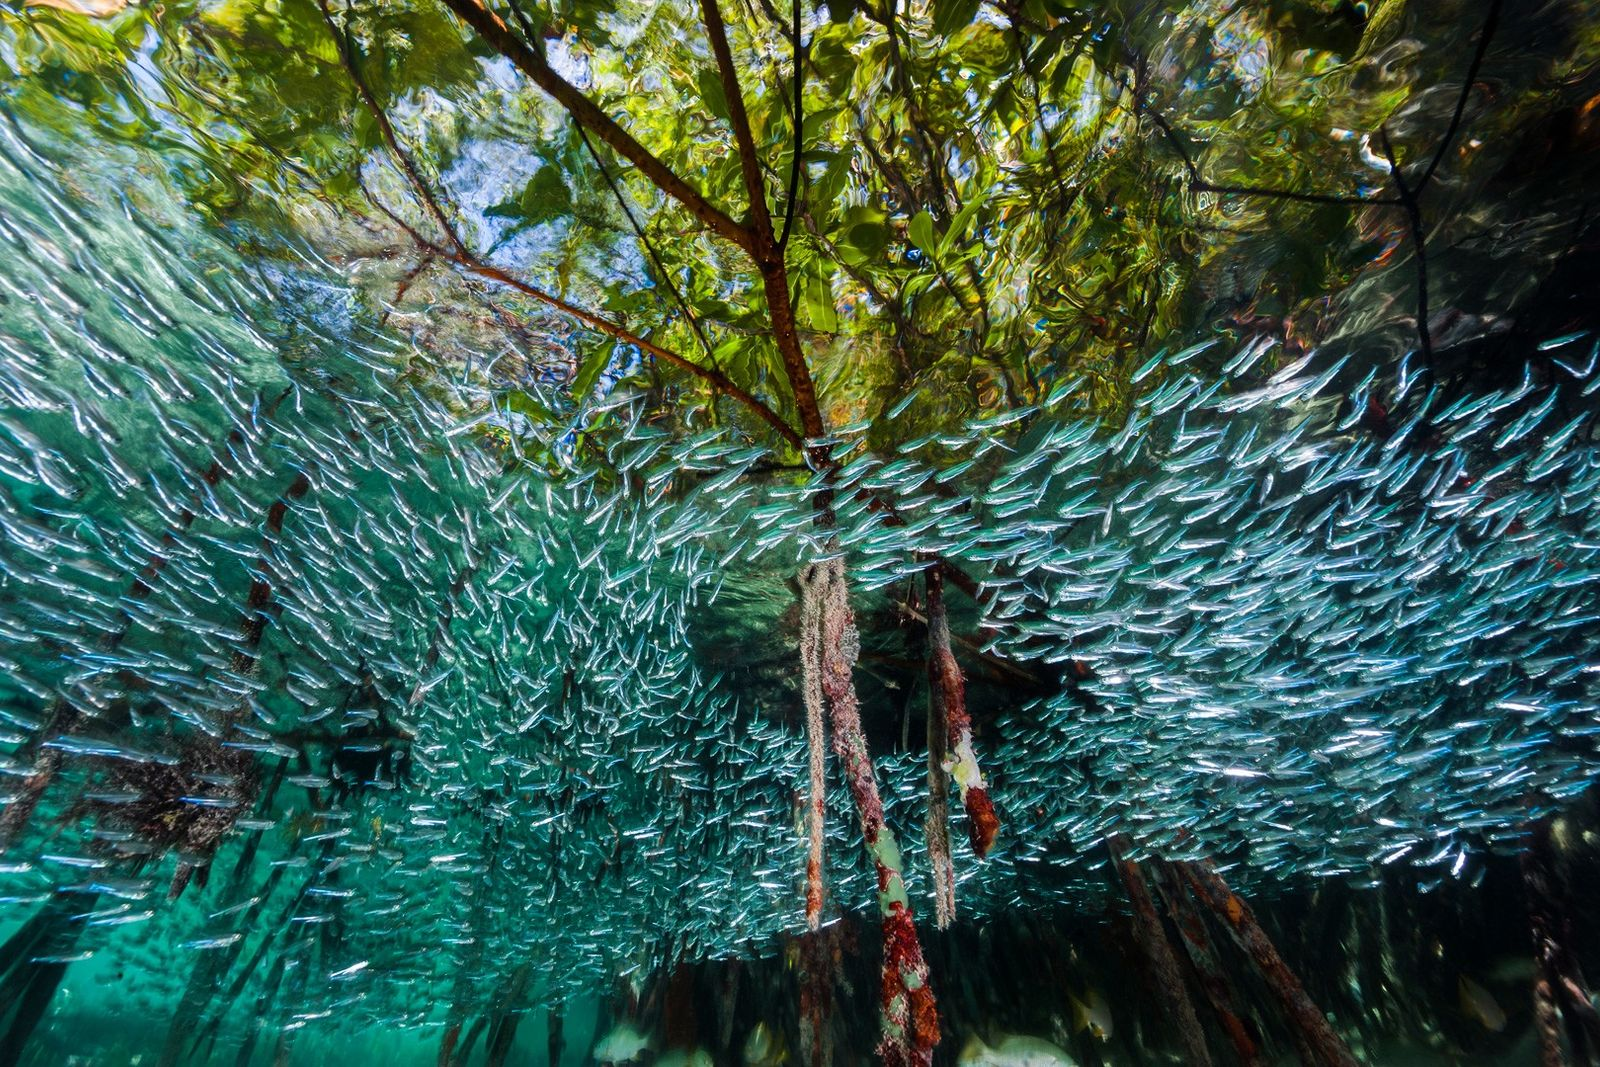 Ährenfische – kleine, silberfarbene Fische – schwärmen durch einen Mangrovenwald.